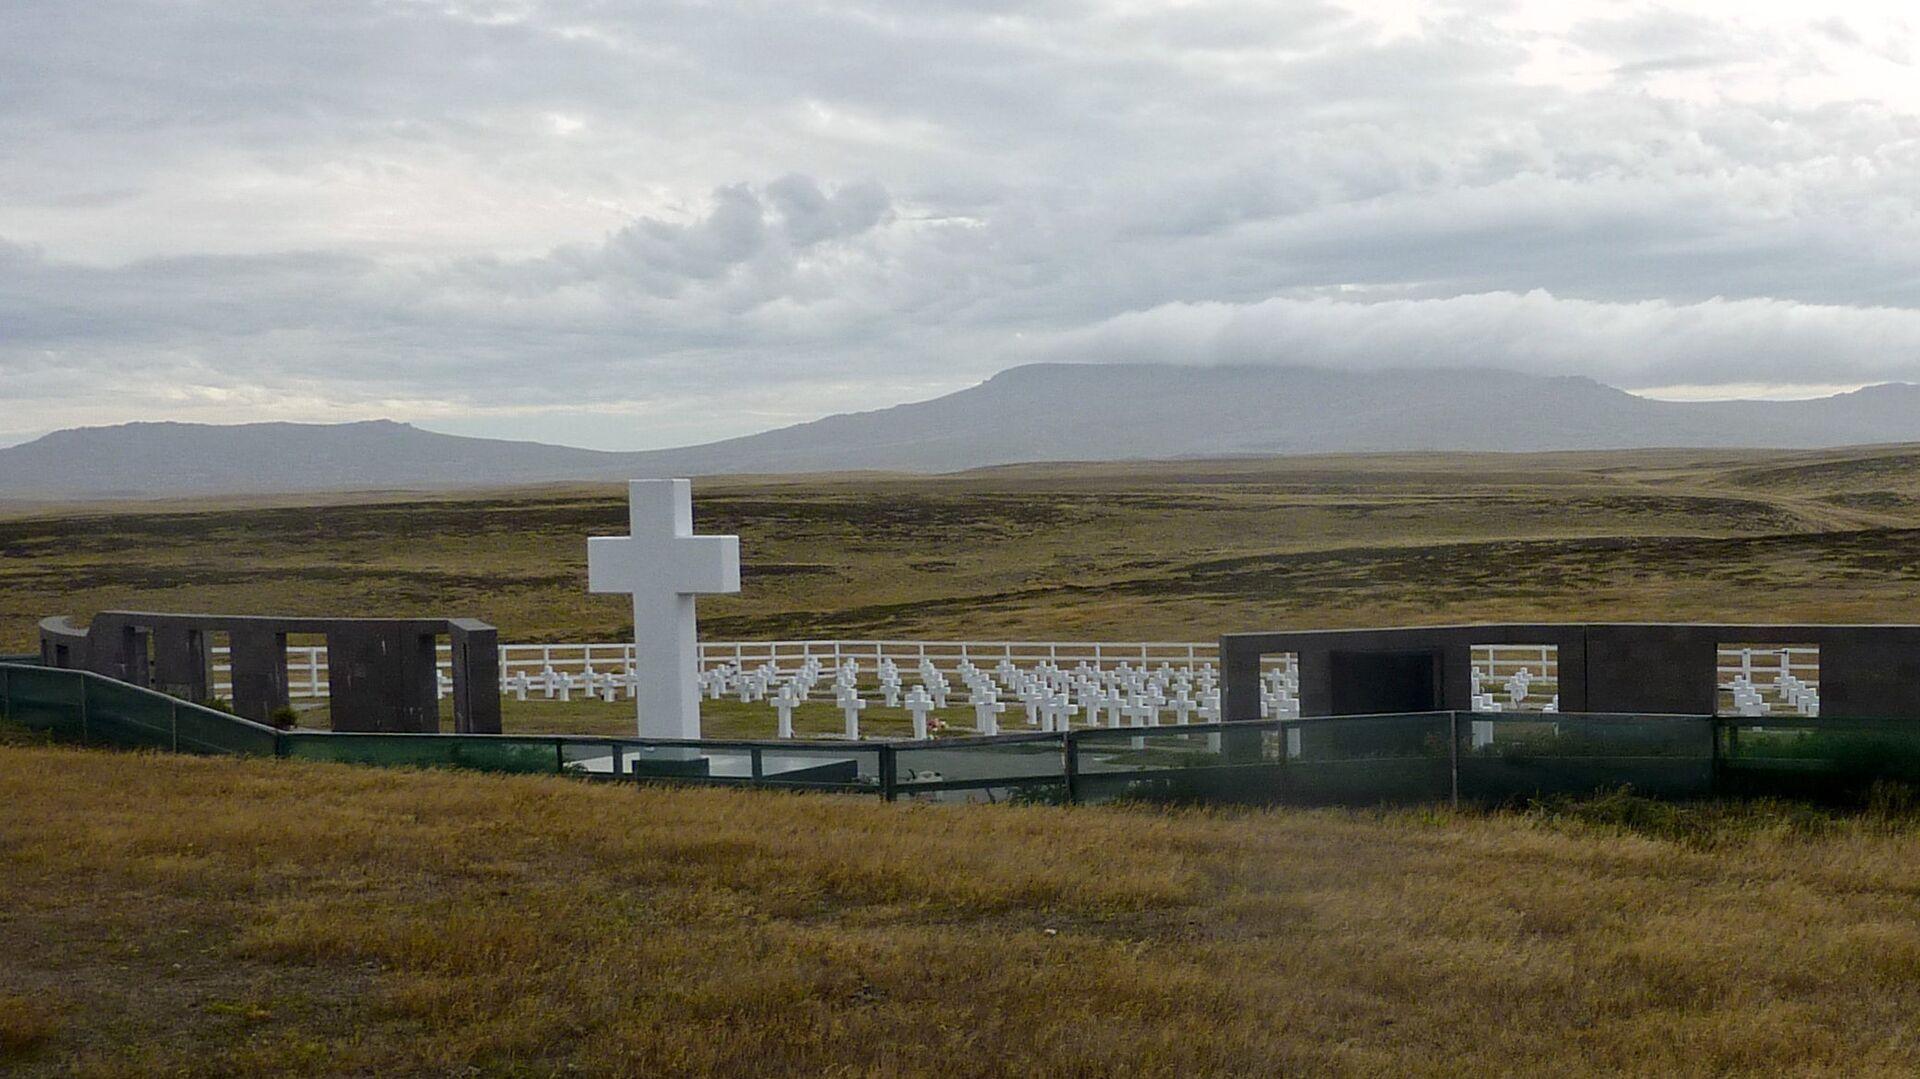 El Cementerio de Darwin en Malvinas - Sputnik Mundo, 1920, 19.08.2021